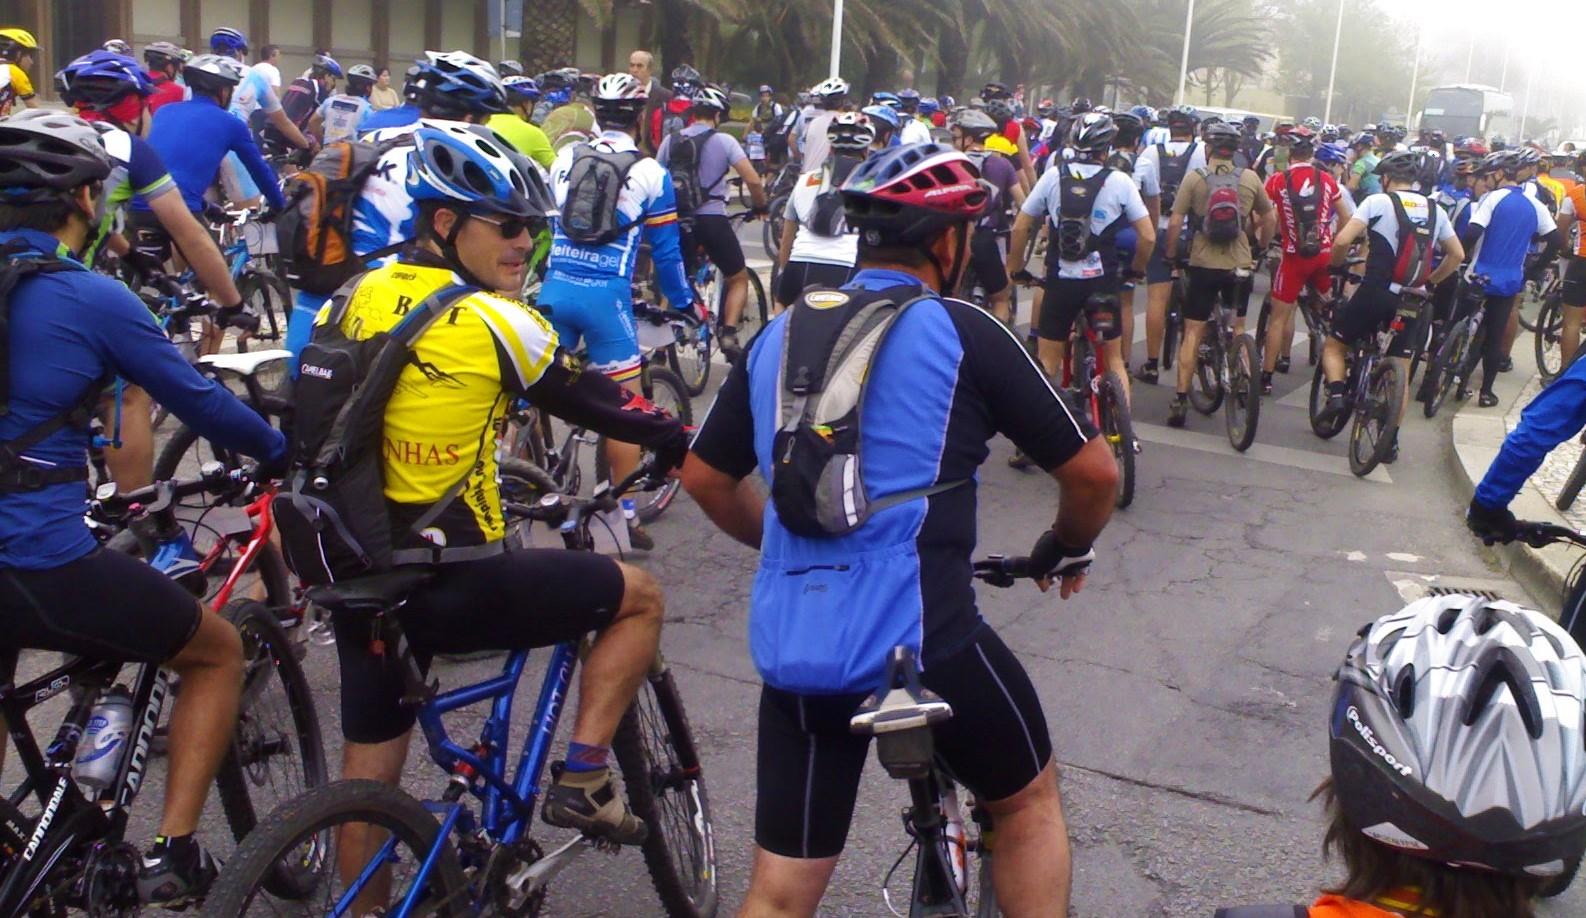 Eventos desportivos no Caminho de Santiago